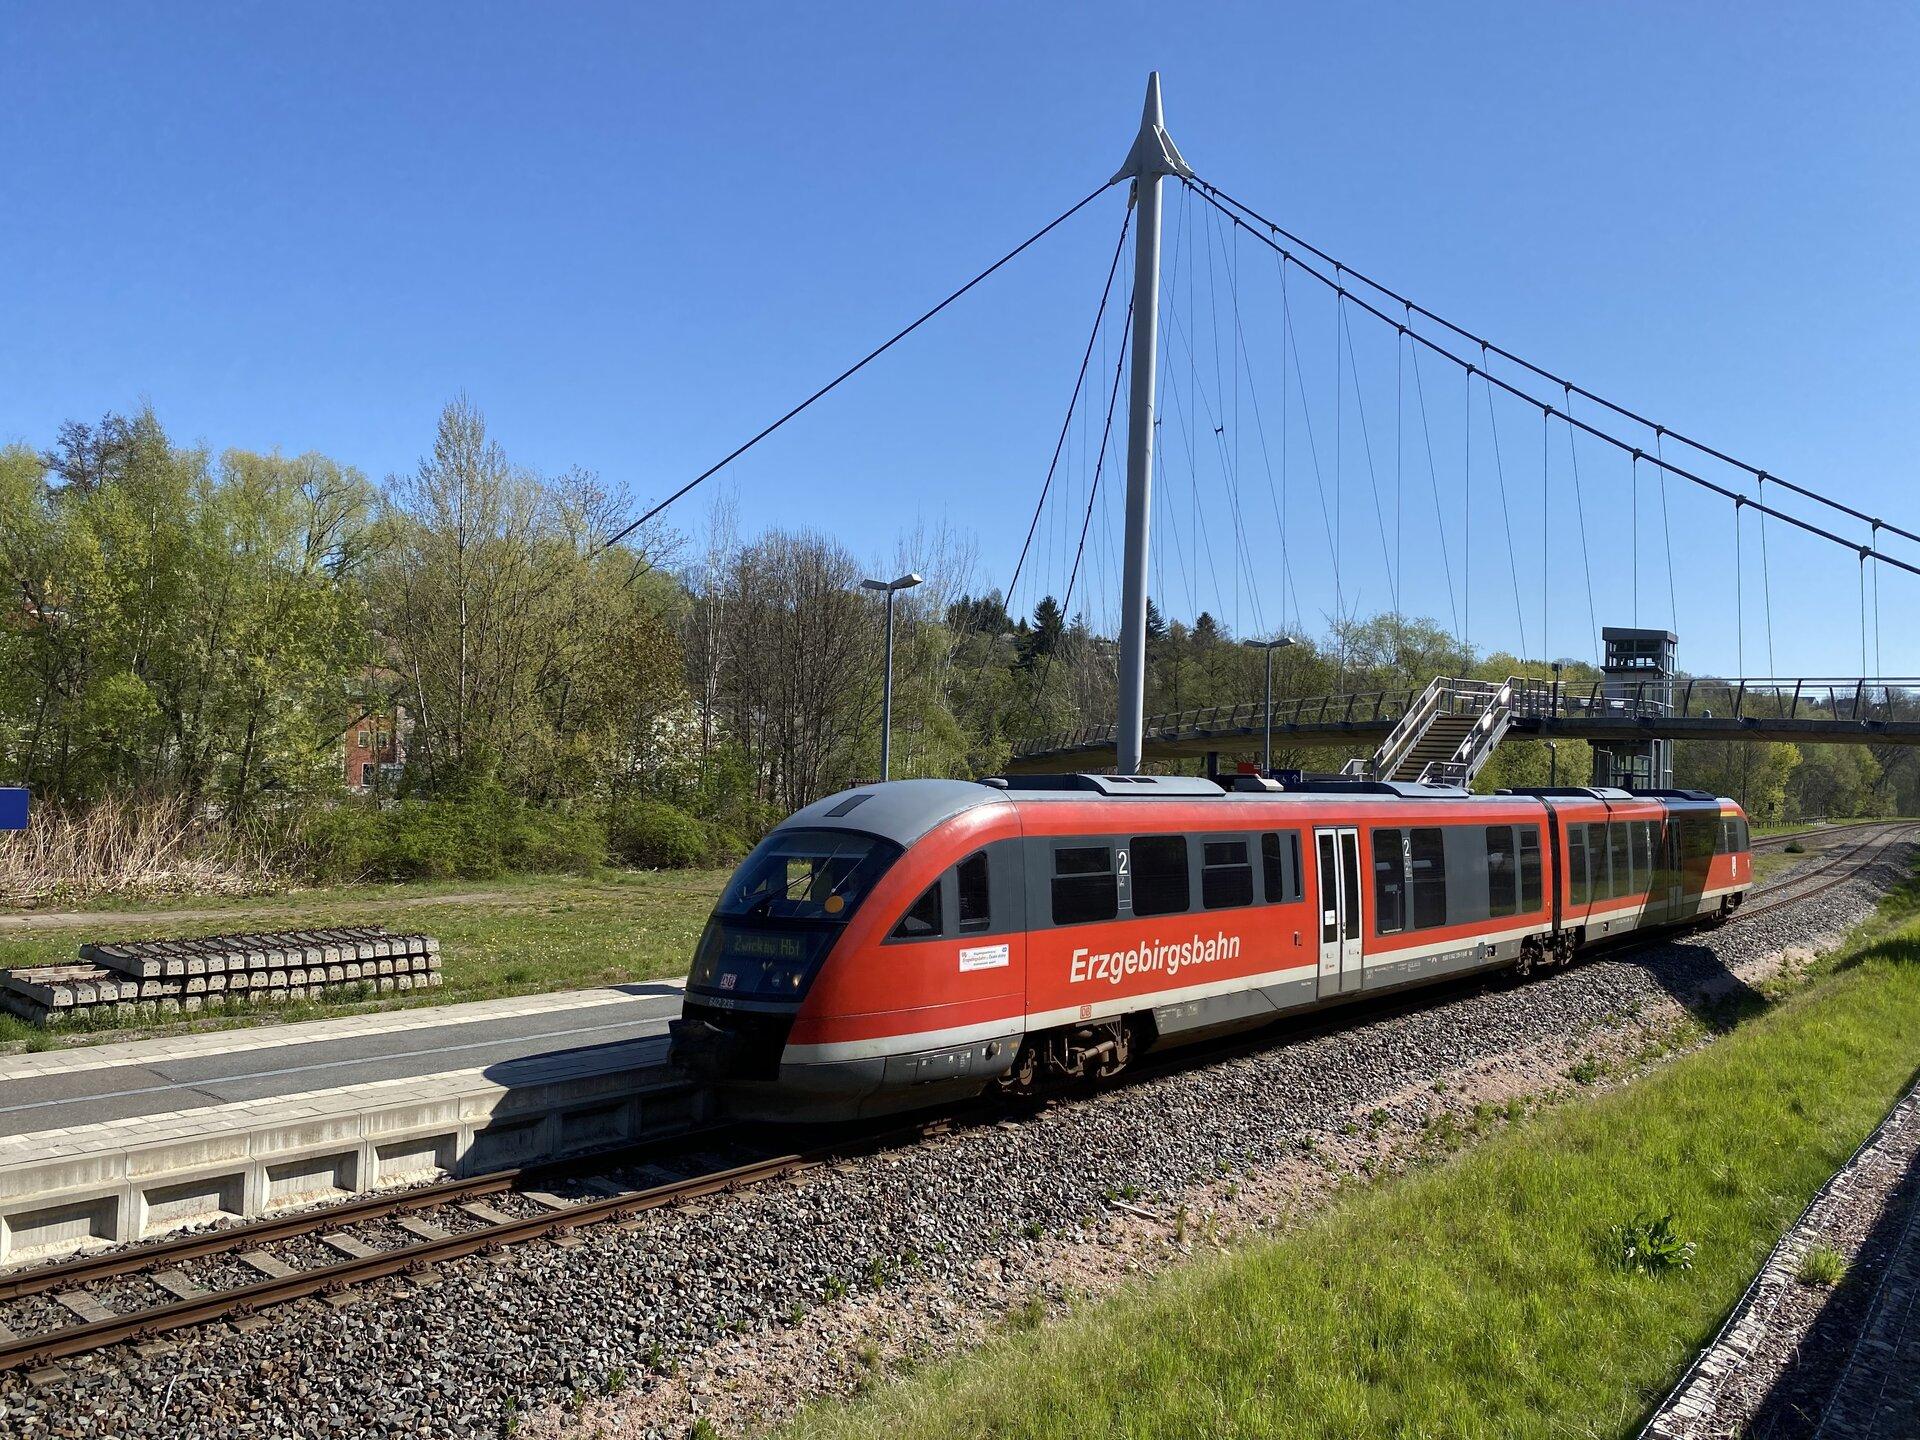 Bahnhaltepunkt mit Erzgebirgsbahn (c) Stadtverwaltung